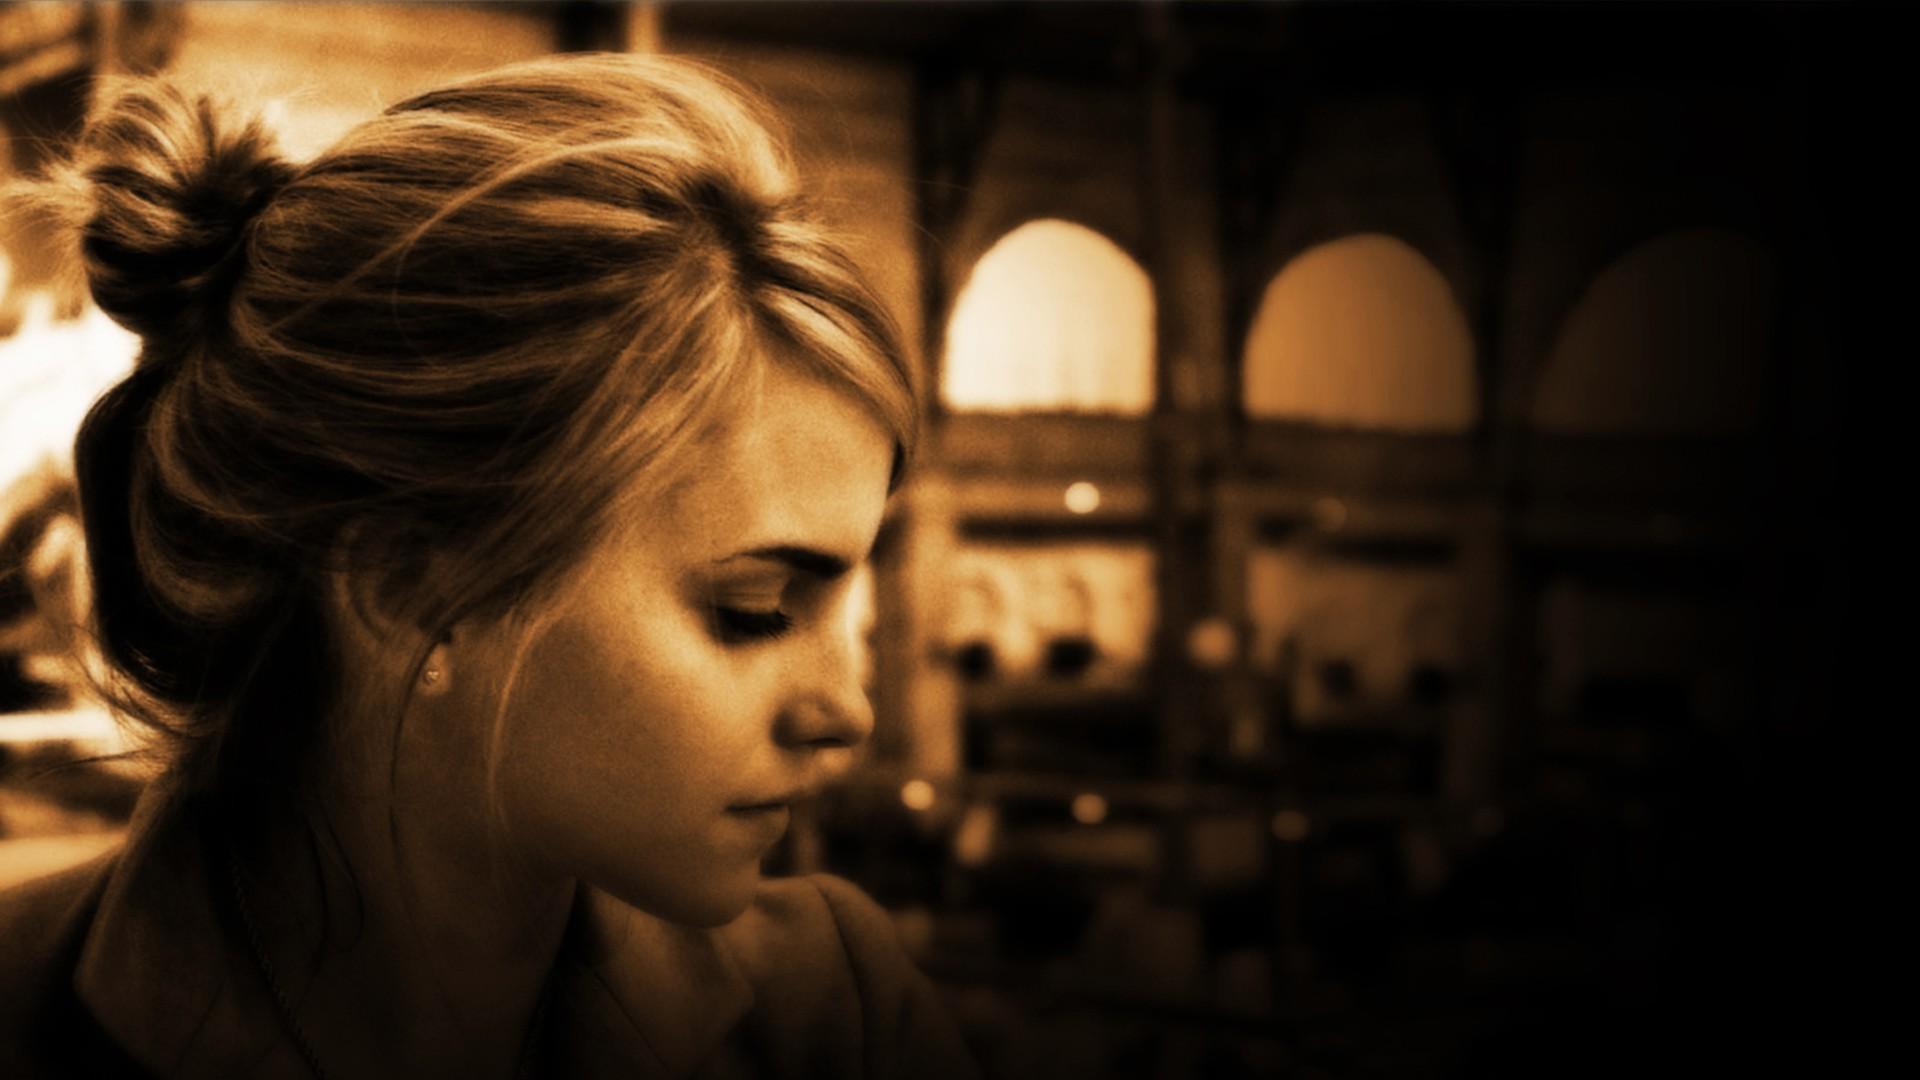 Hintergrundbilder Porträt Haar Emma Watson Licht Farbe